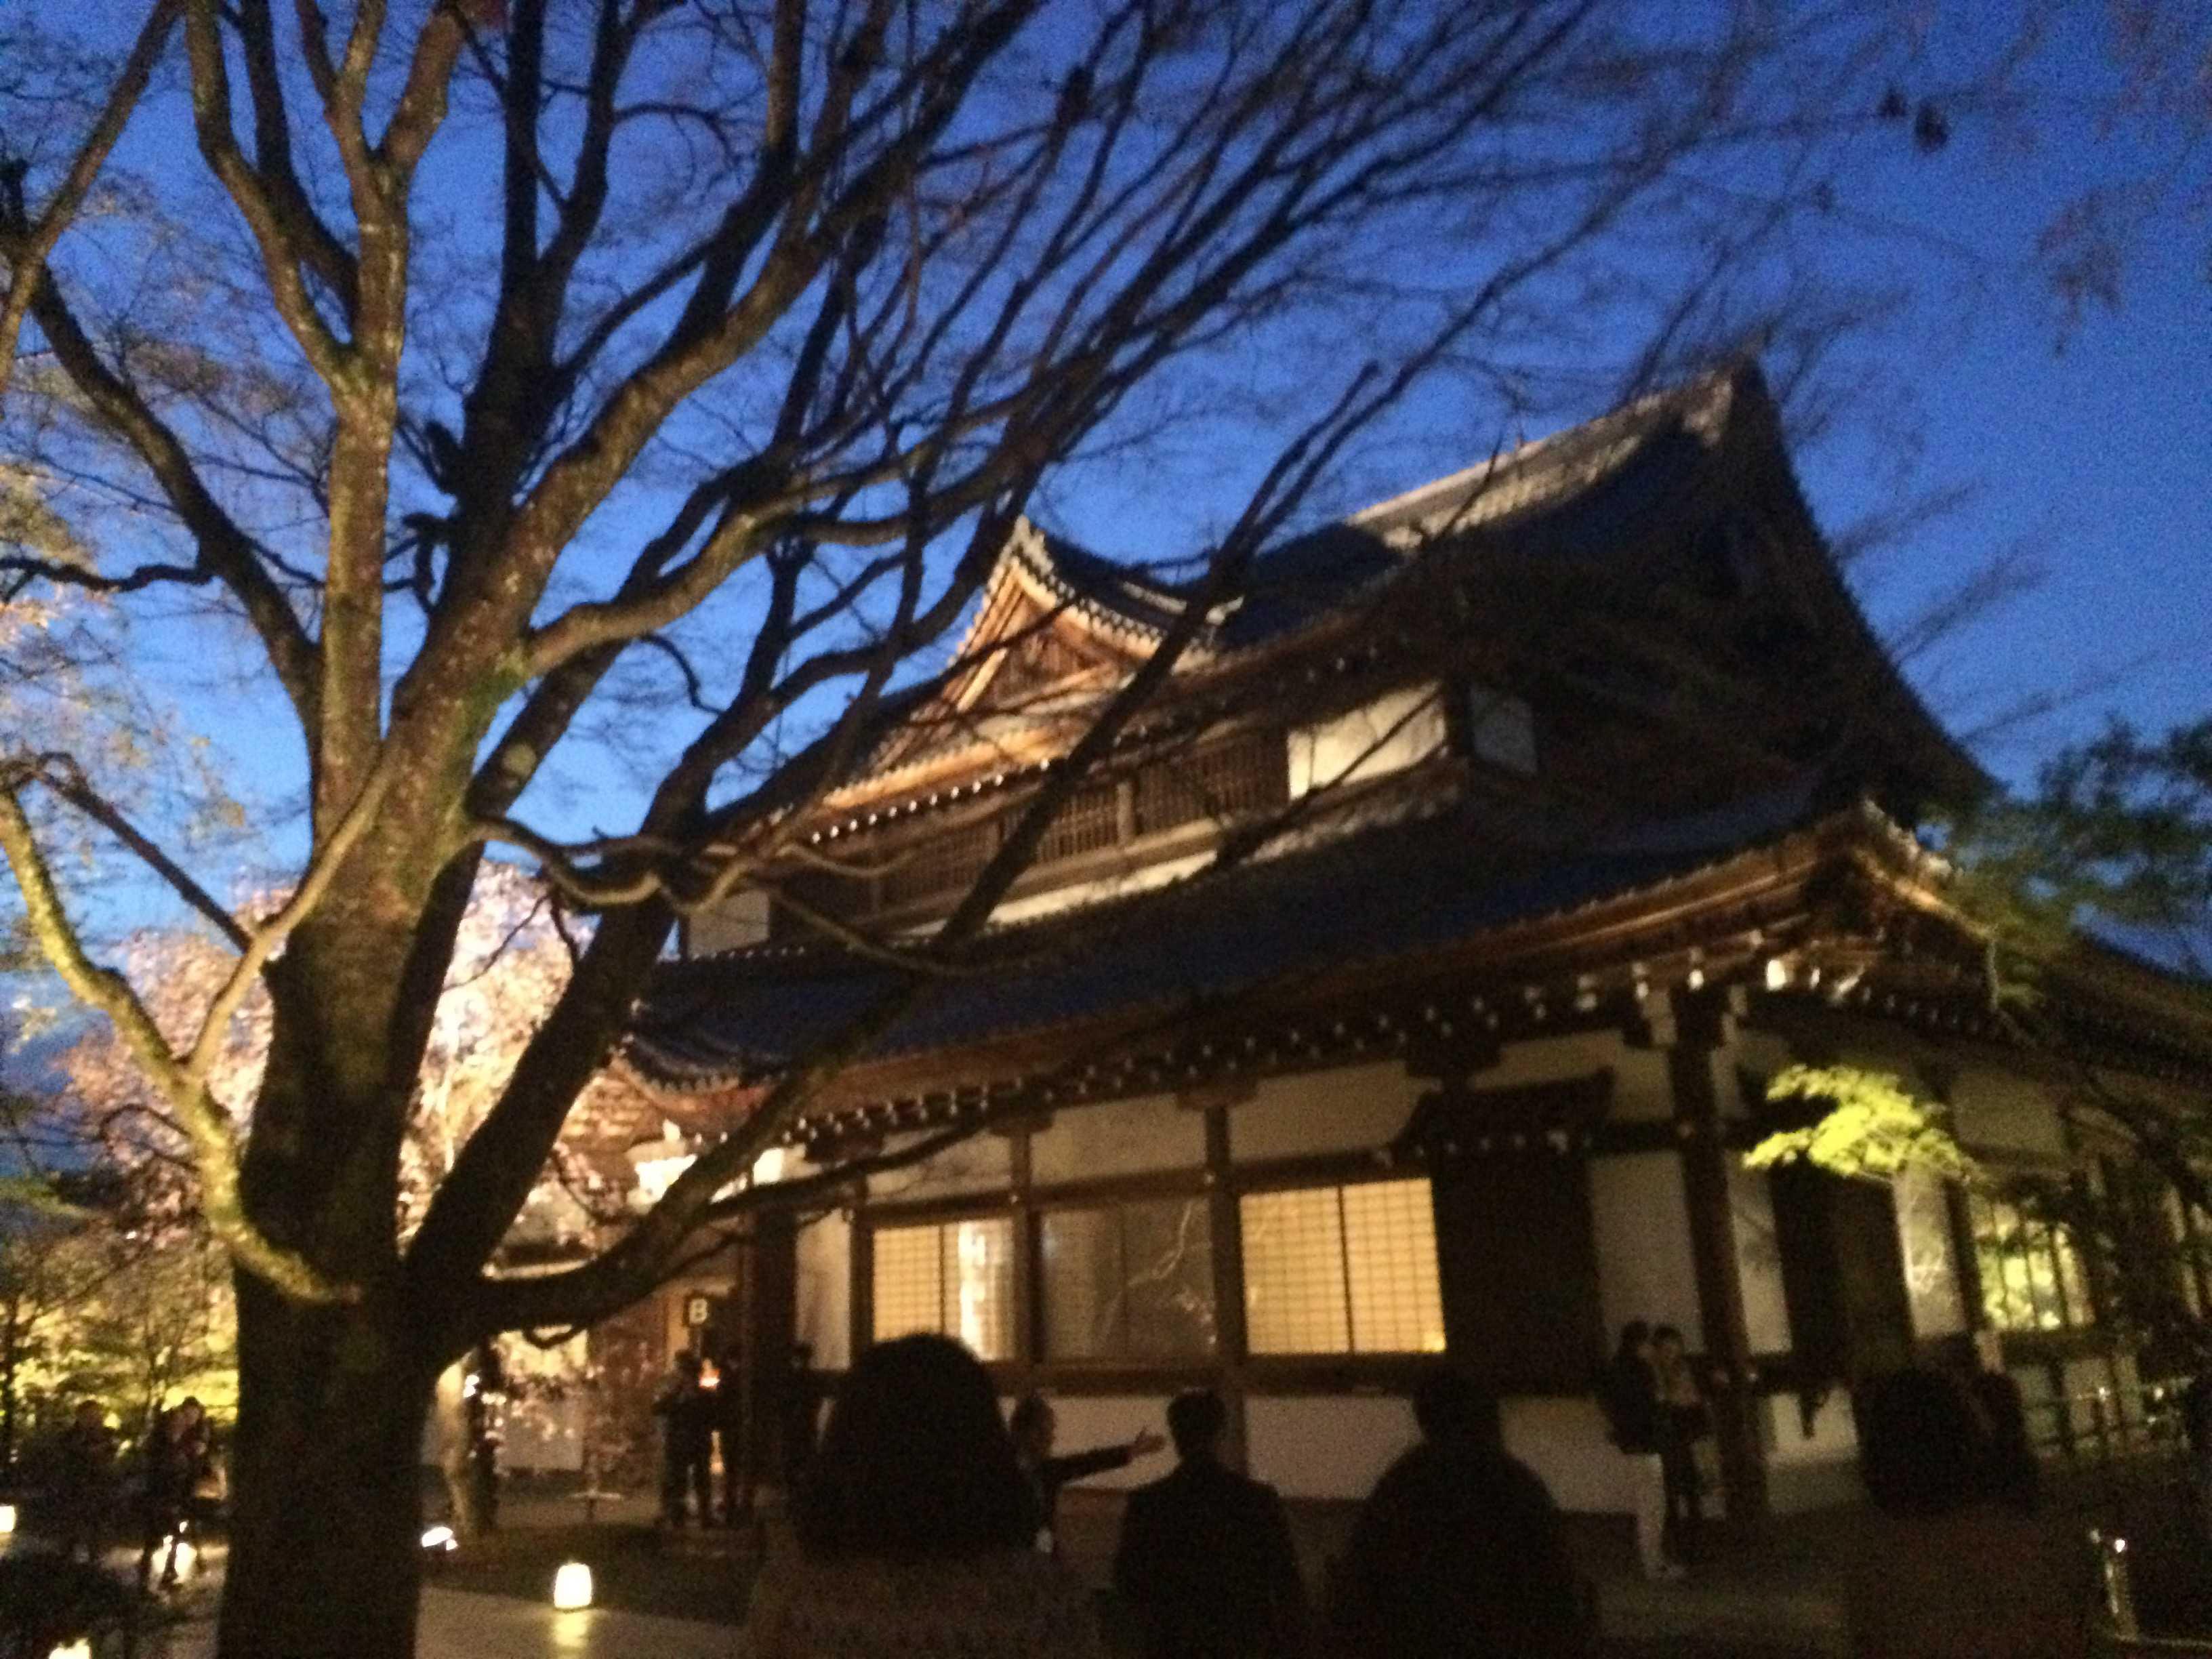 サルヴァトーレ・フェラガモin京都_d0339890_12164567.jpg